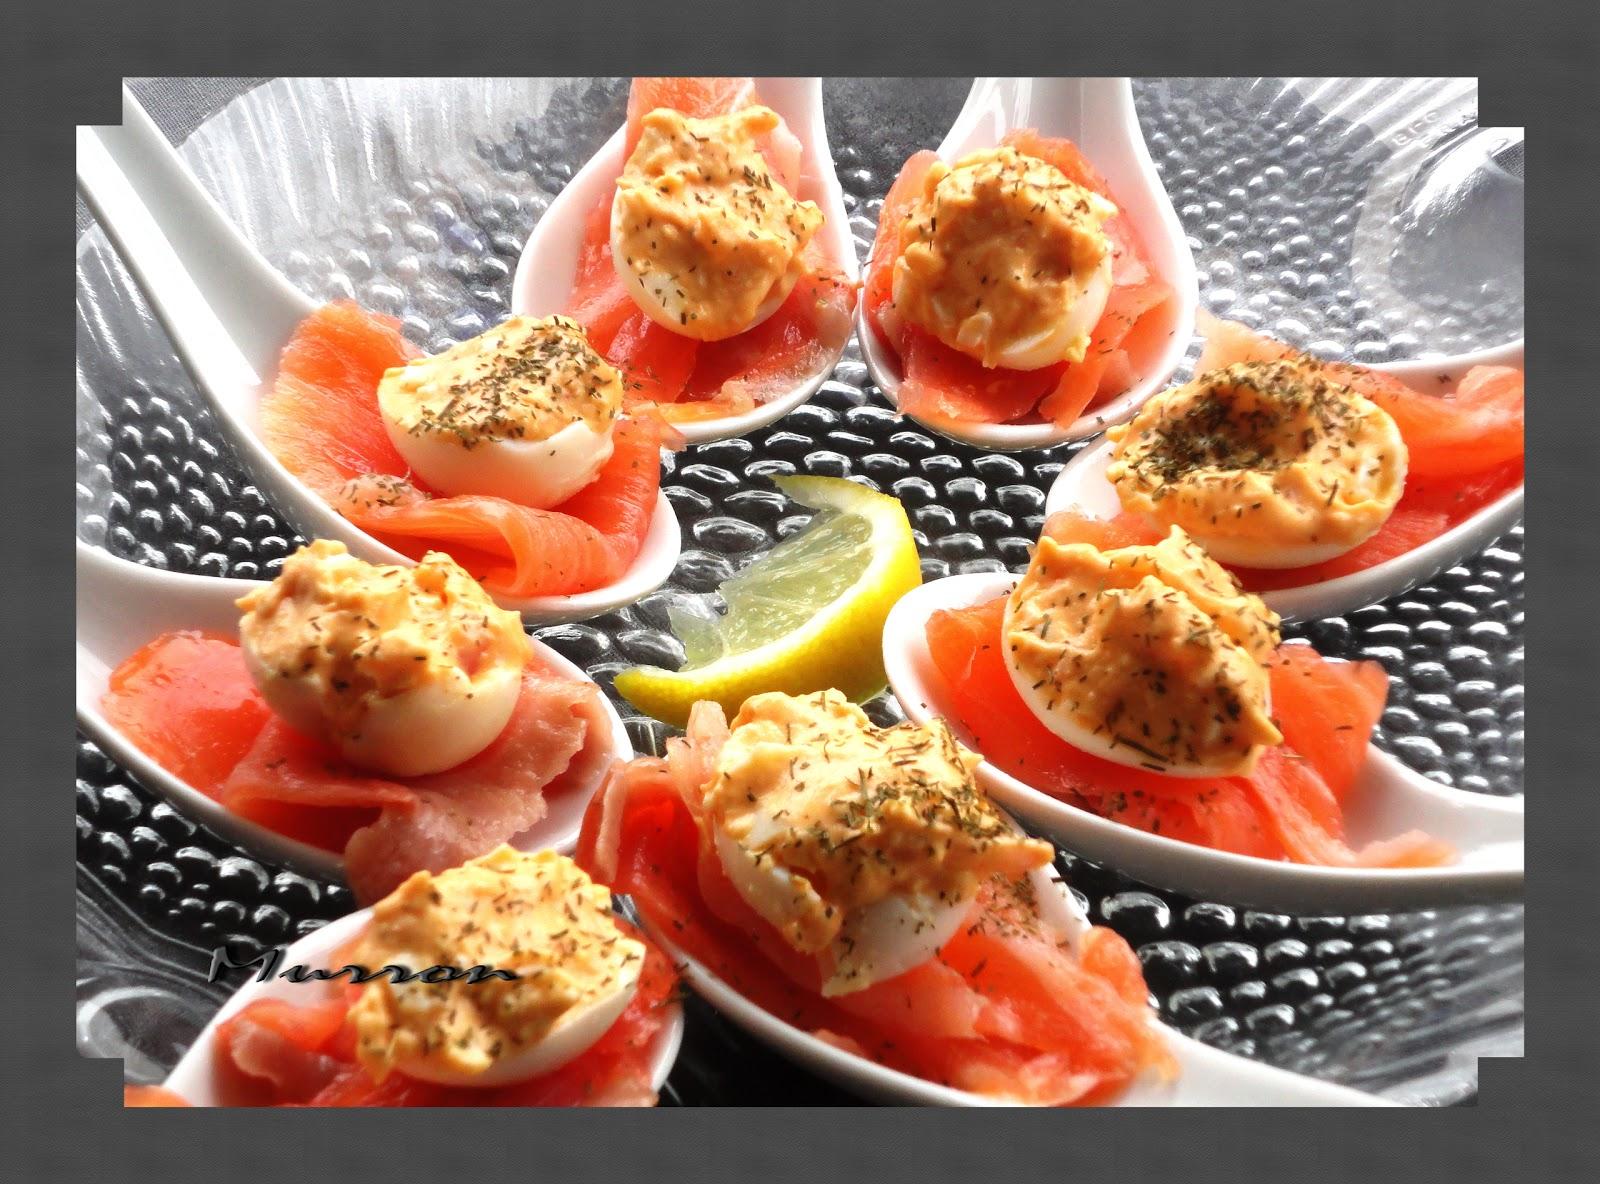 Murron cocina cucharillas de salm n ahumado y huevo de - Aperitivos de salmon ahumado ...